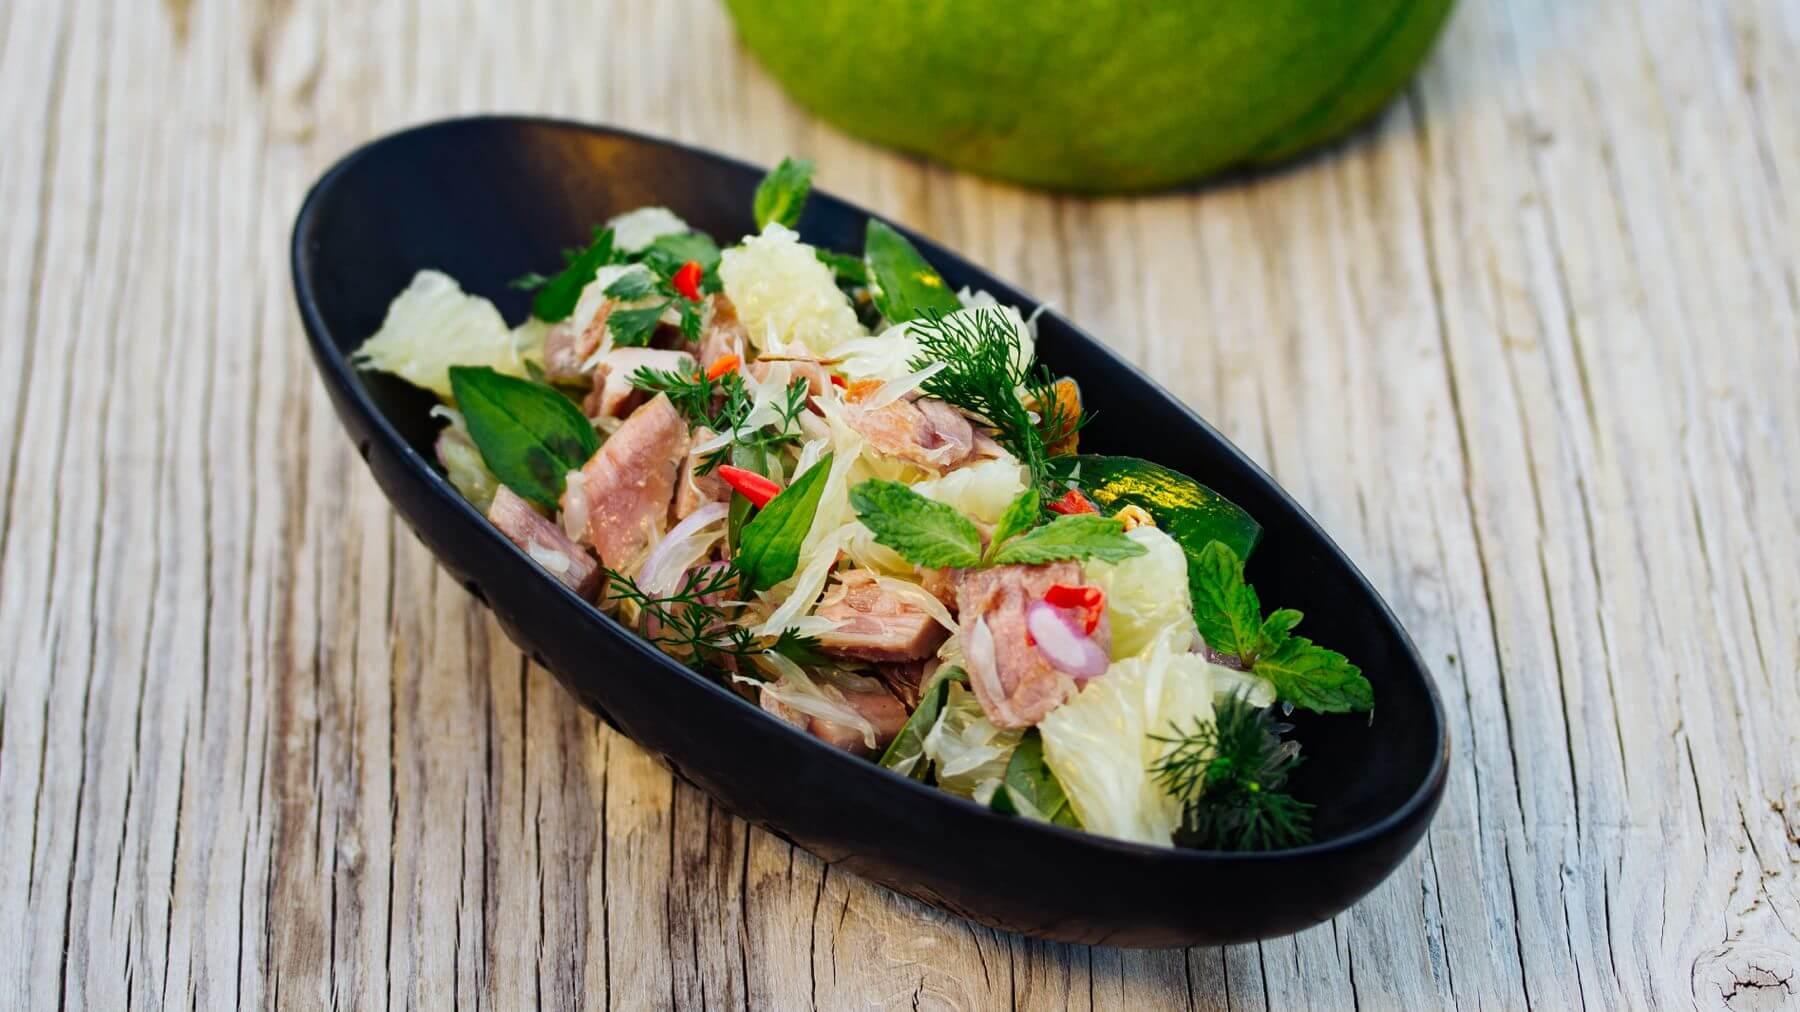 Vietnamesischer Pomelo-Salat mit gegrilltem Tunfisch